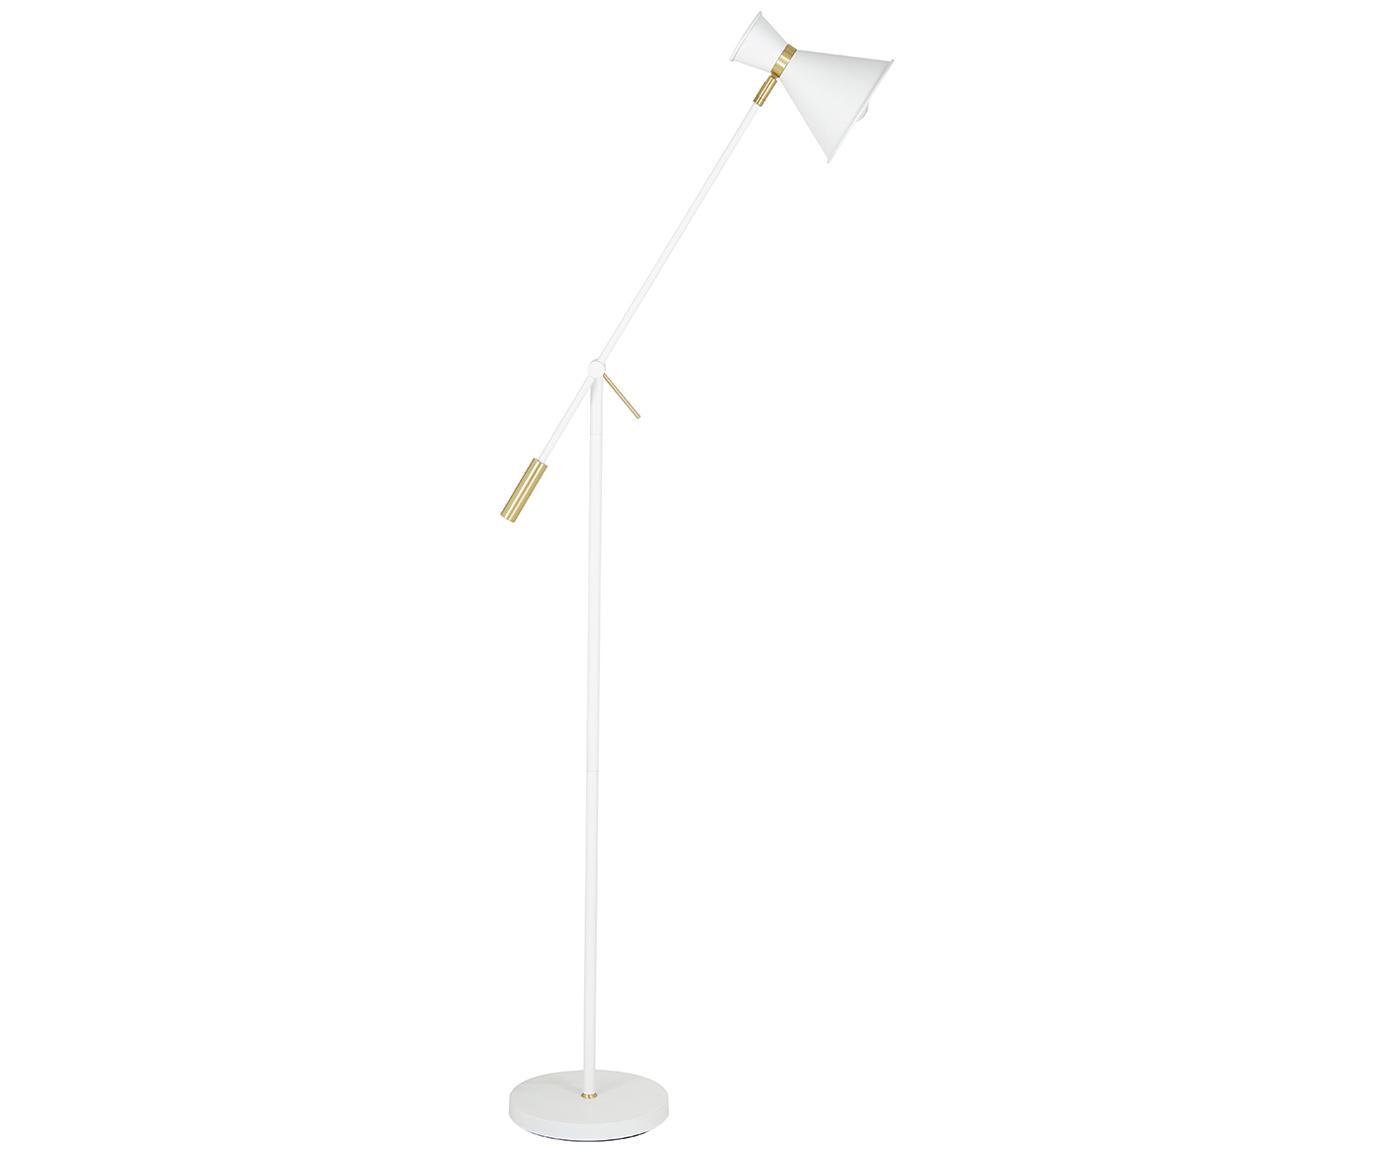 Skandi-Stehlampe Audrey, Lampenschirm: Metall, pulverbeschichtet, Lampenfuß: Metall, pulverbeschichtet, Mattweiß, ∅ 18 x H 145 cm